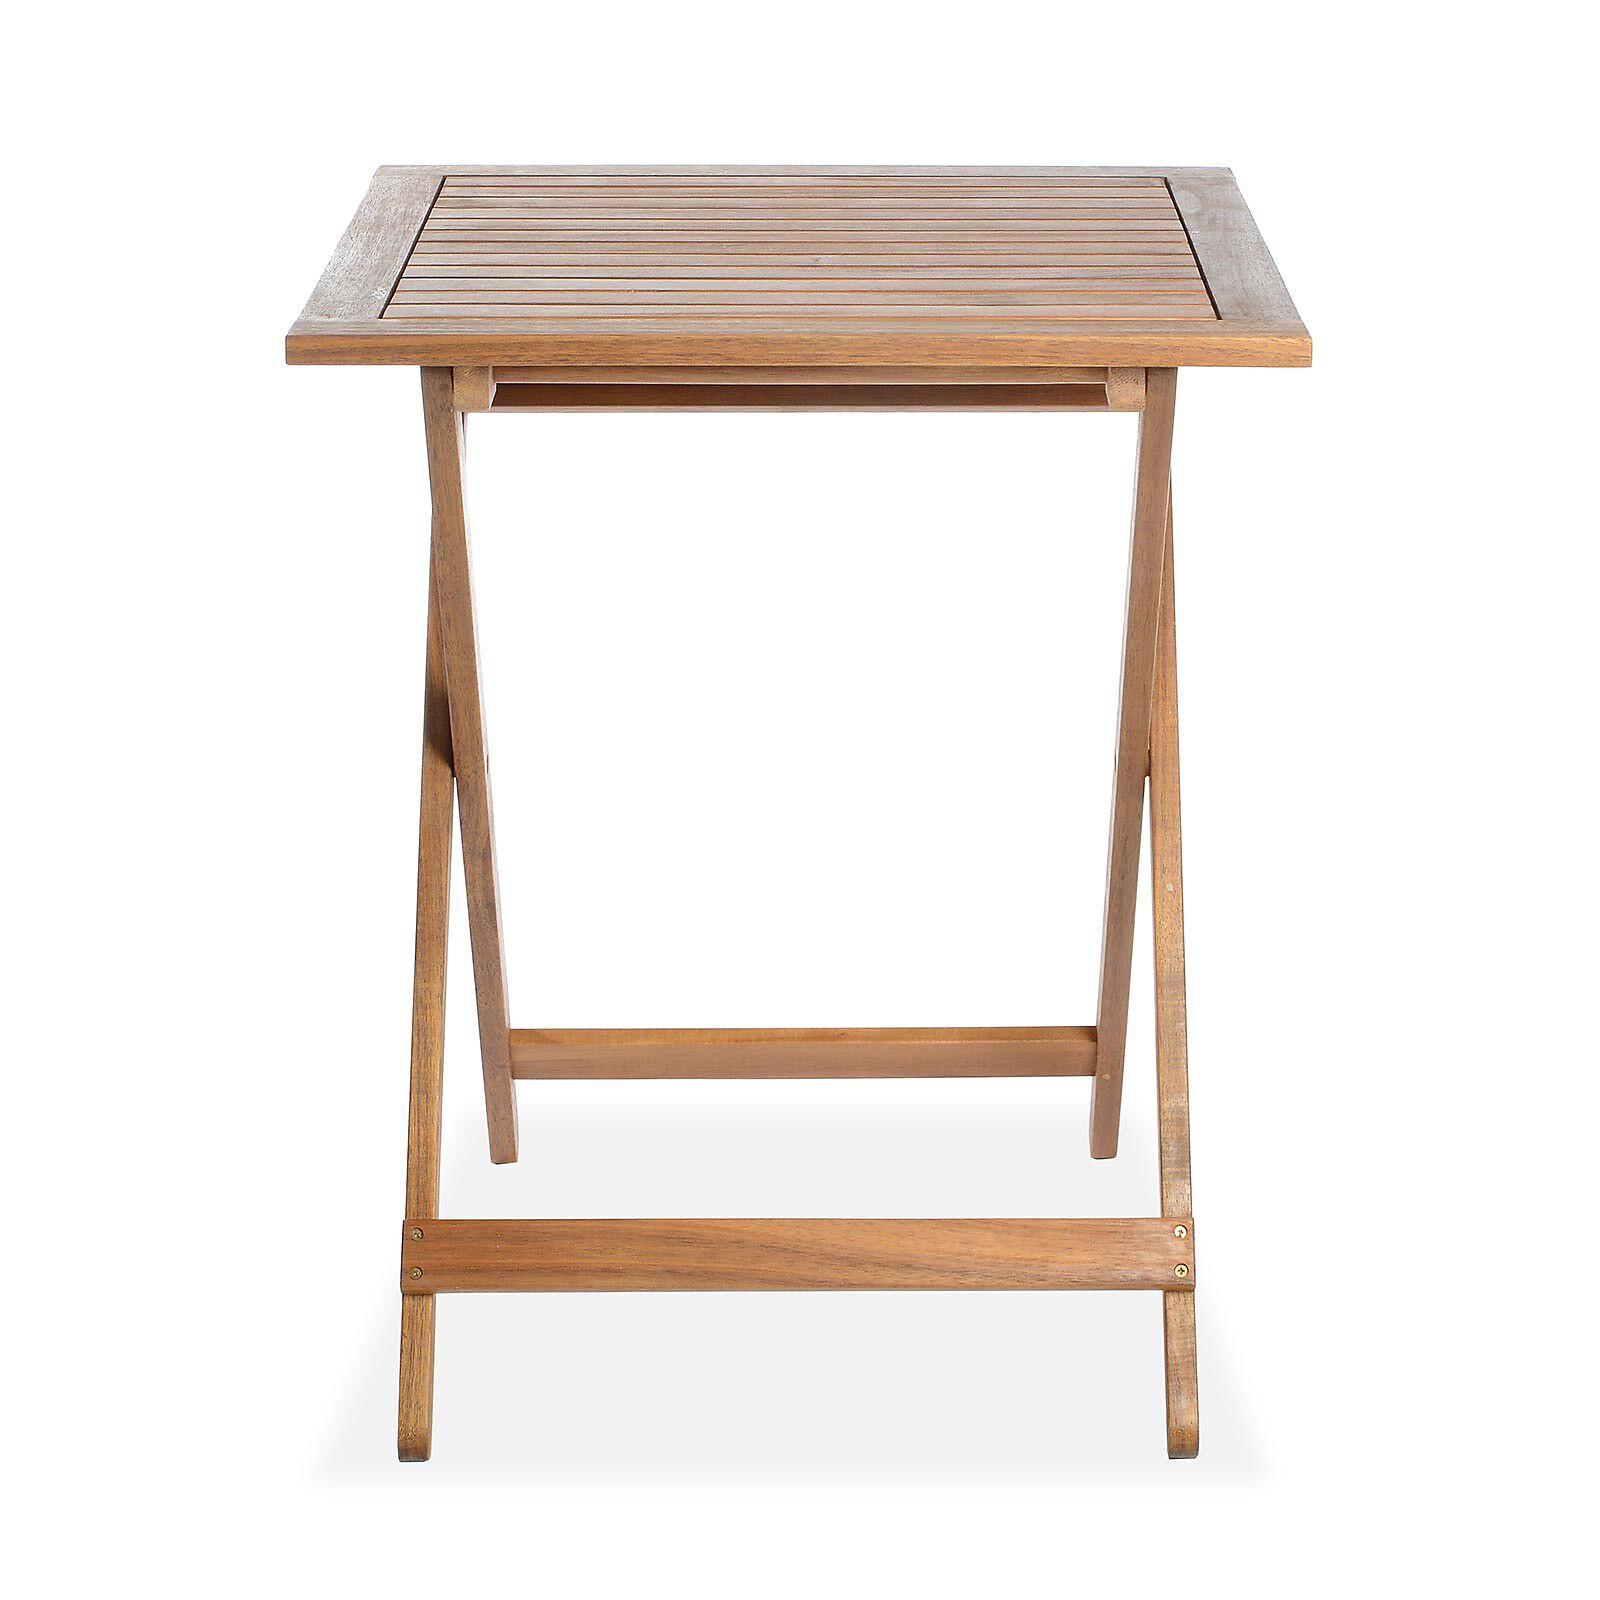 Full Size of Balkontisch Klappbar Holz Klapptisch Hngetisch Bett Ausklappbar Ausklappbares Wohnzimmer Balkontisch Klappbar